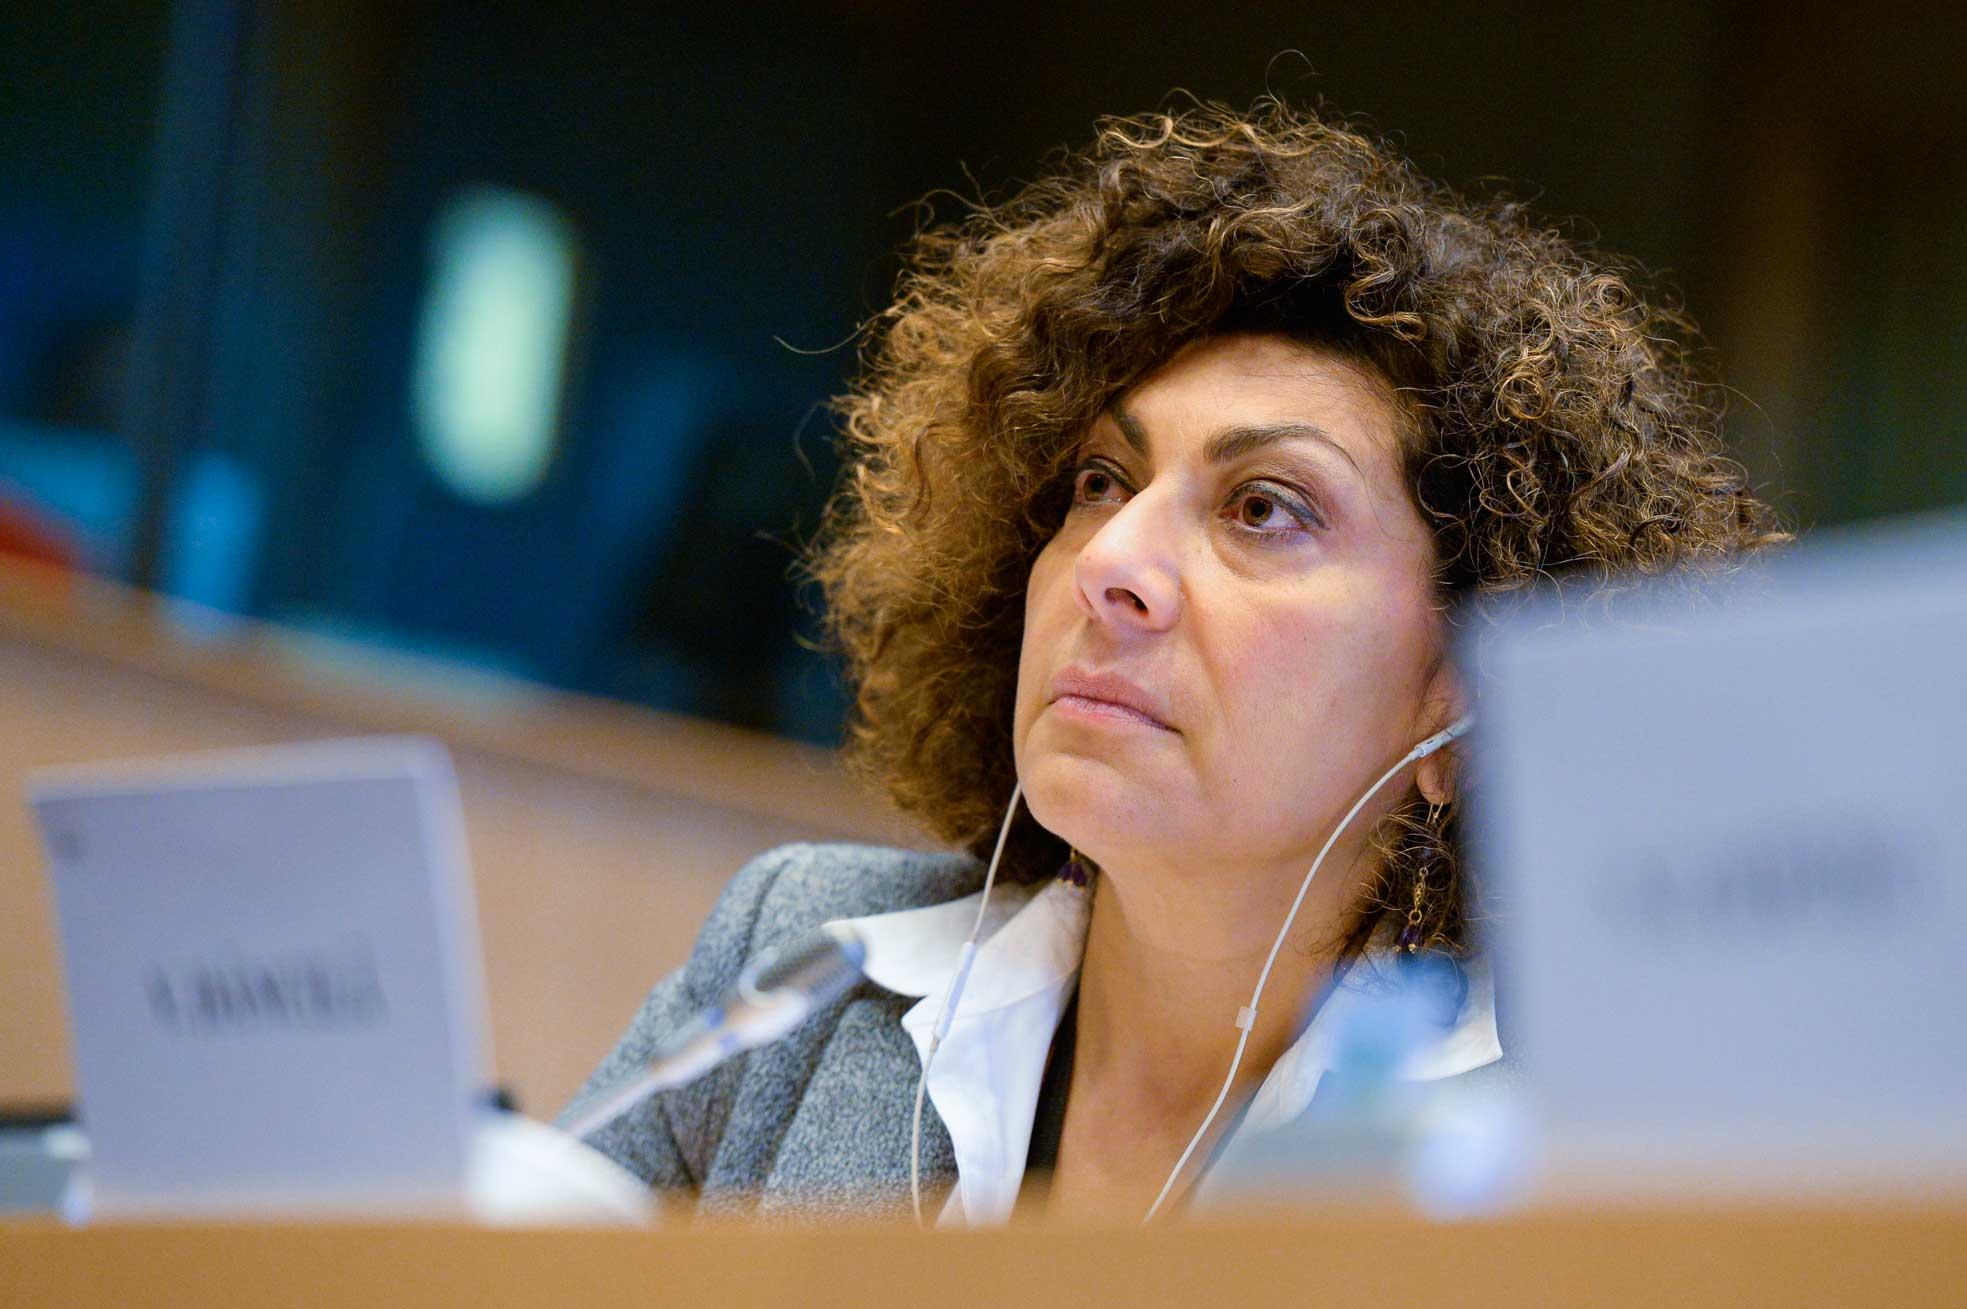 """Martina a Catania. Giuffrida: """"UE e governo diano sostegno urgente al settore cerealicolo"""""""